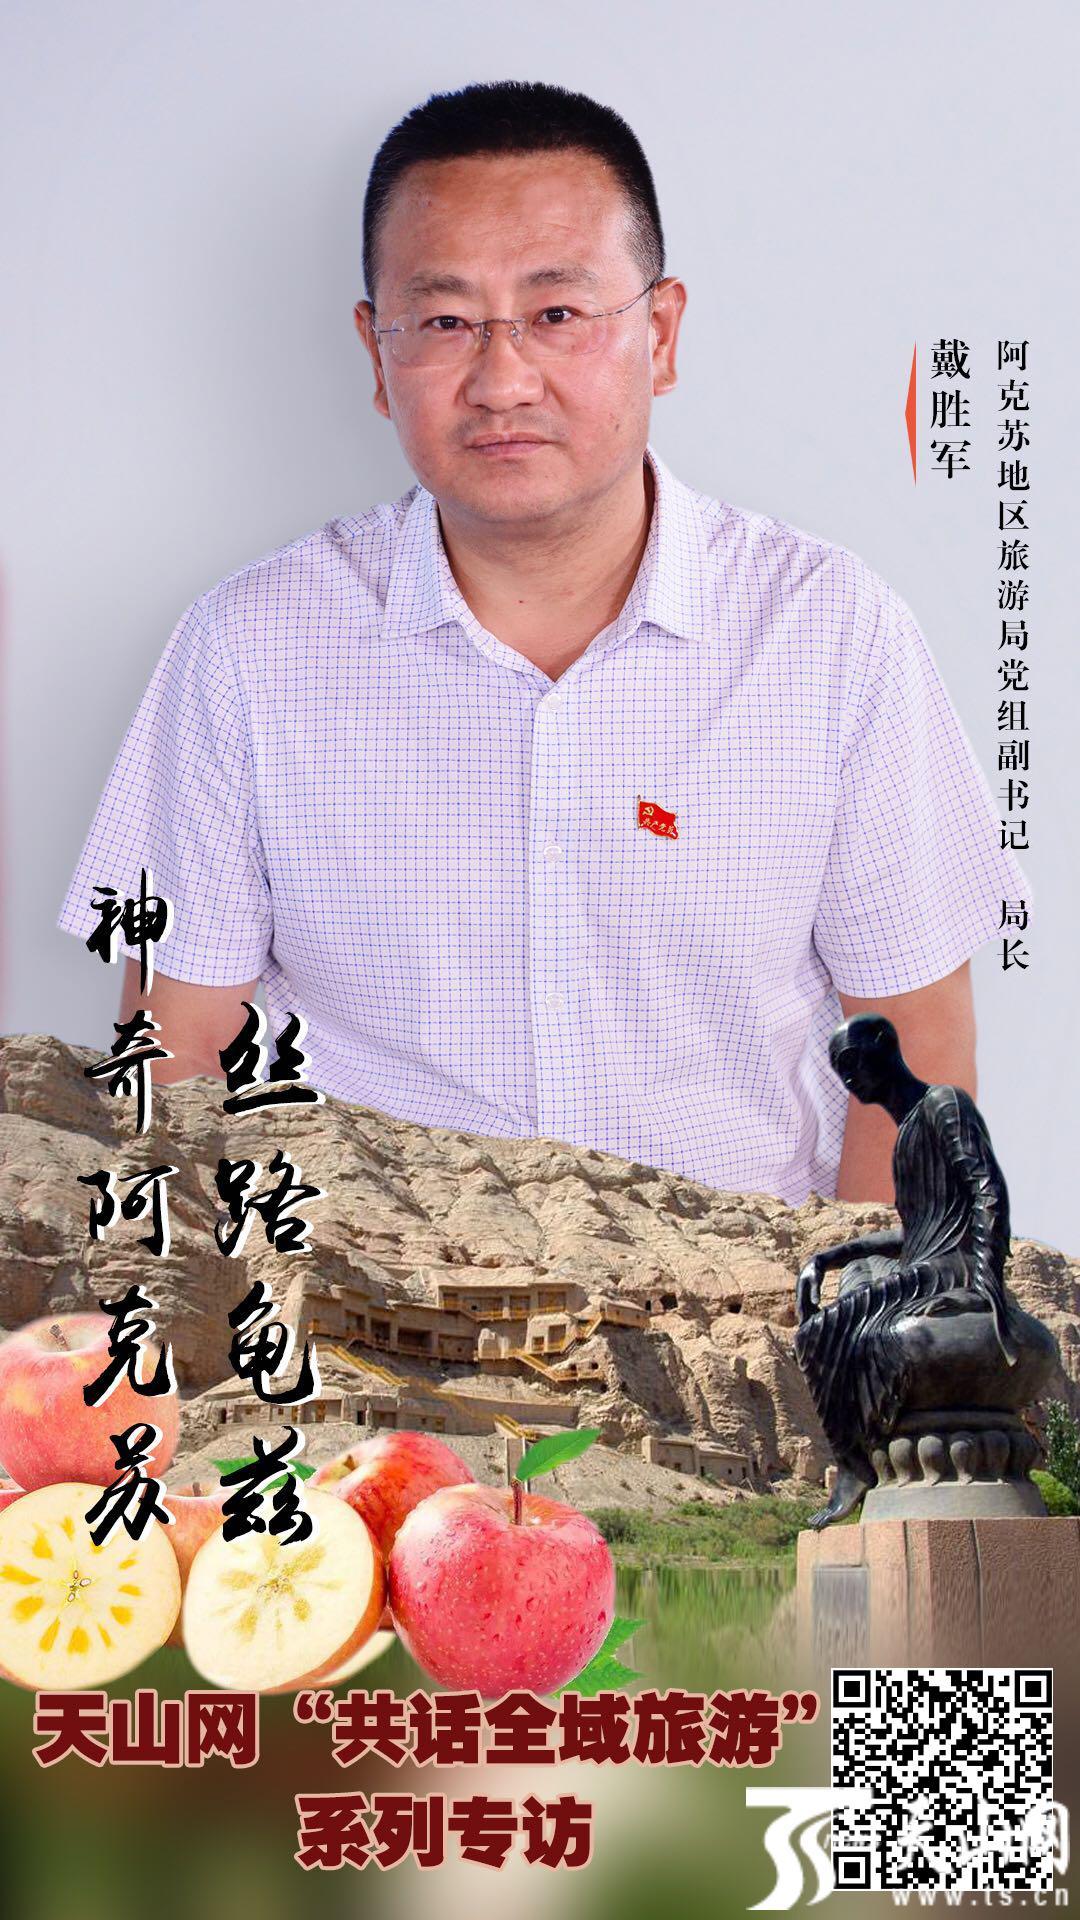 【共话全域旅游系列访谈】专访阿克苏地区旅游局党组副书记、局长 戴胜军